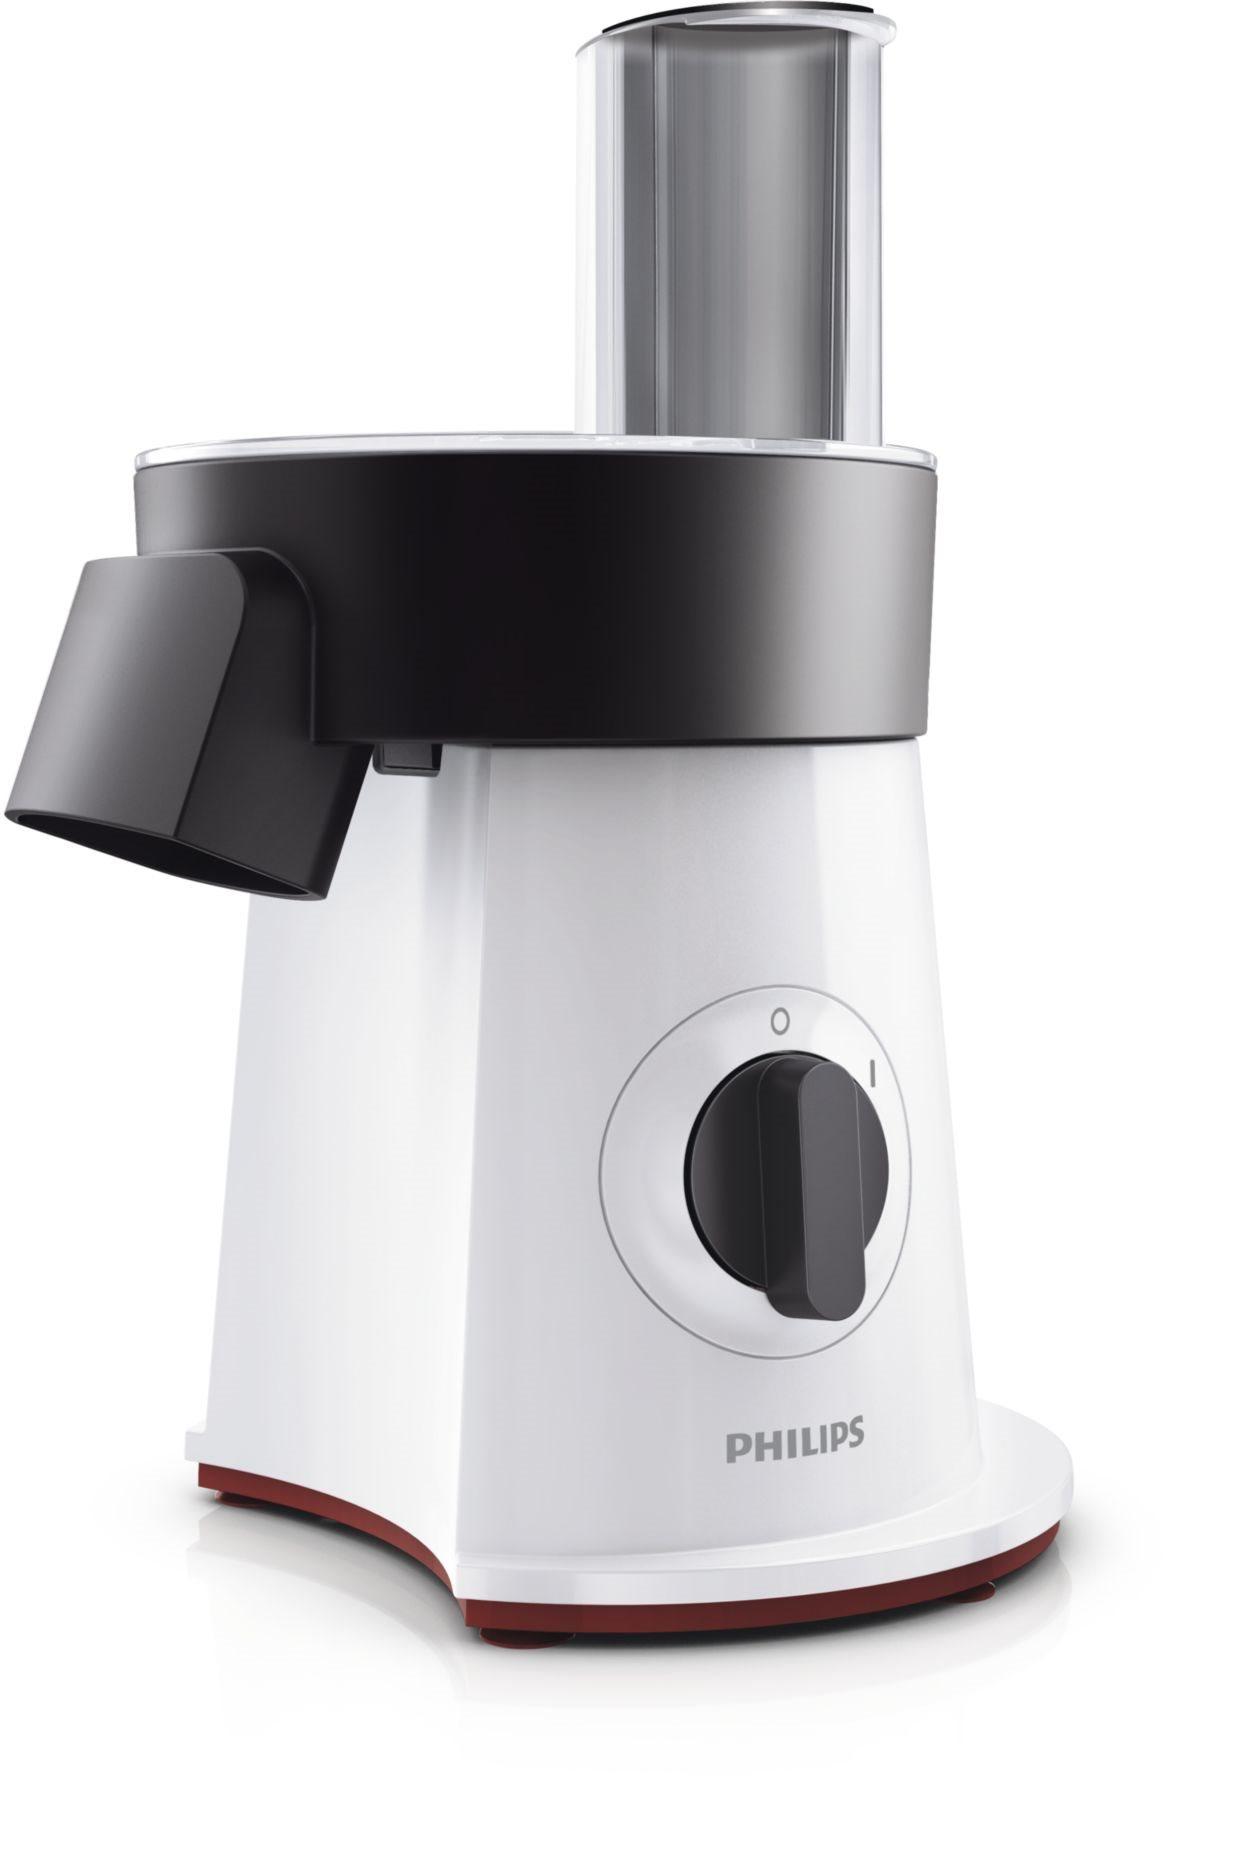 Philips Πολυκόφτης 200W SaladMaker HR1388/80